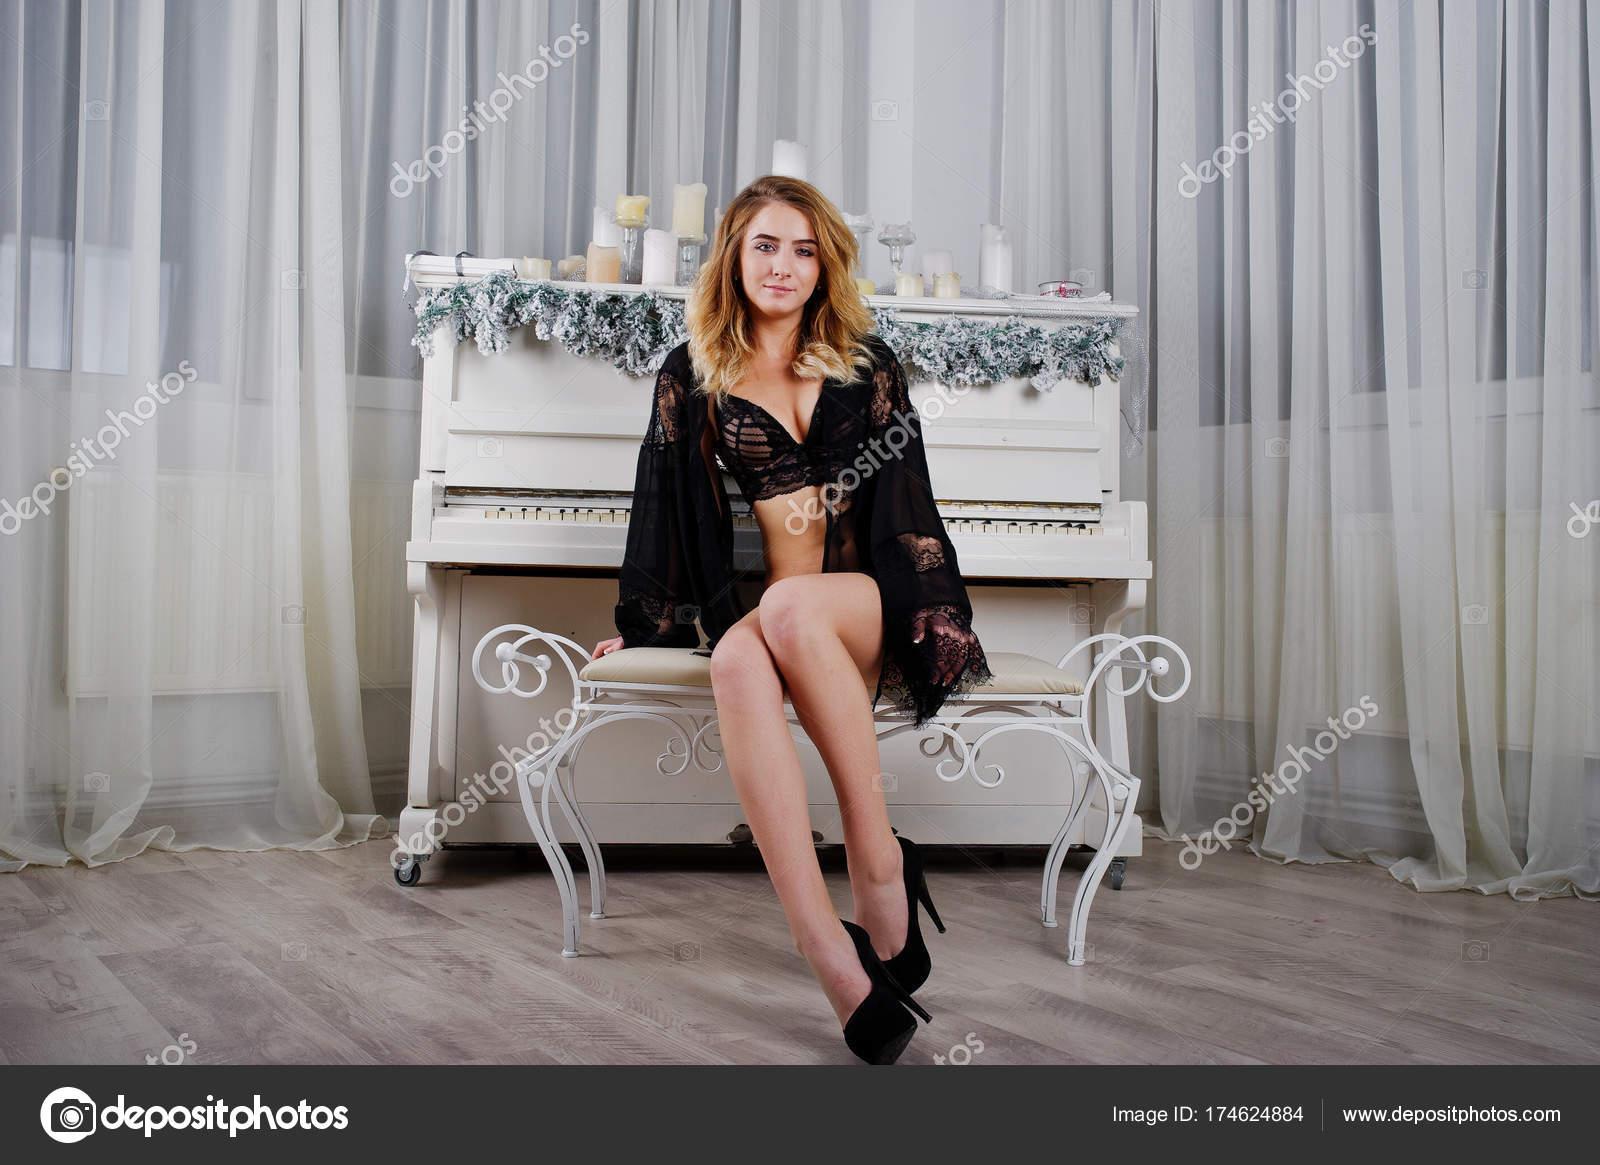 Blonde High Gegen Sexy Heels In Schwarzen Weiß Modell Und Dessous b6f7yg